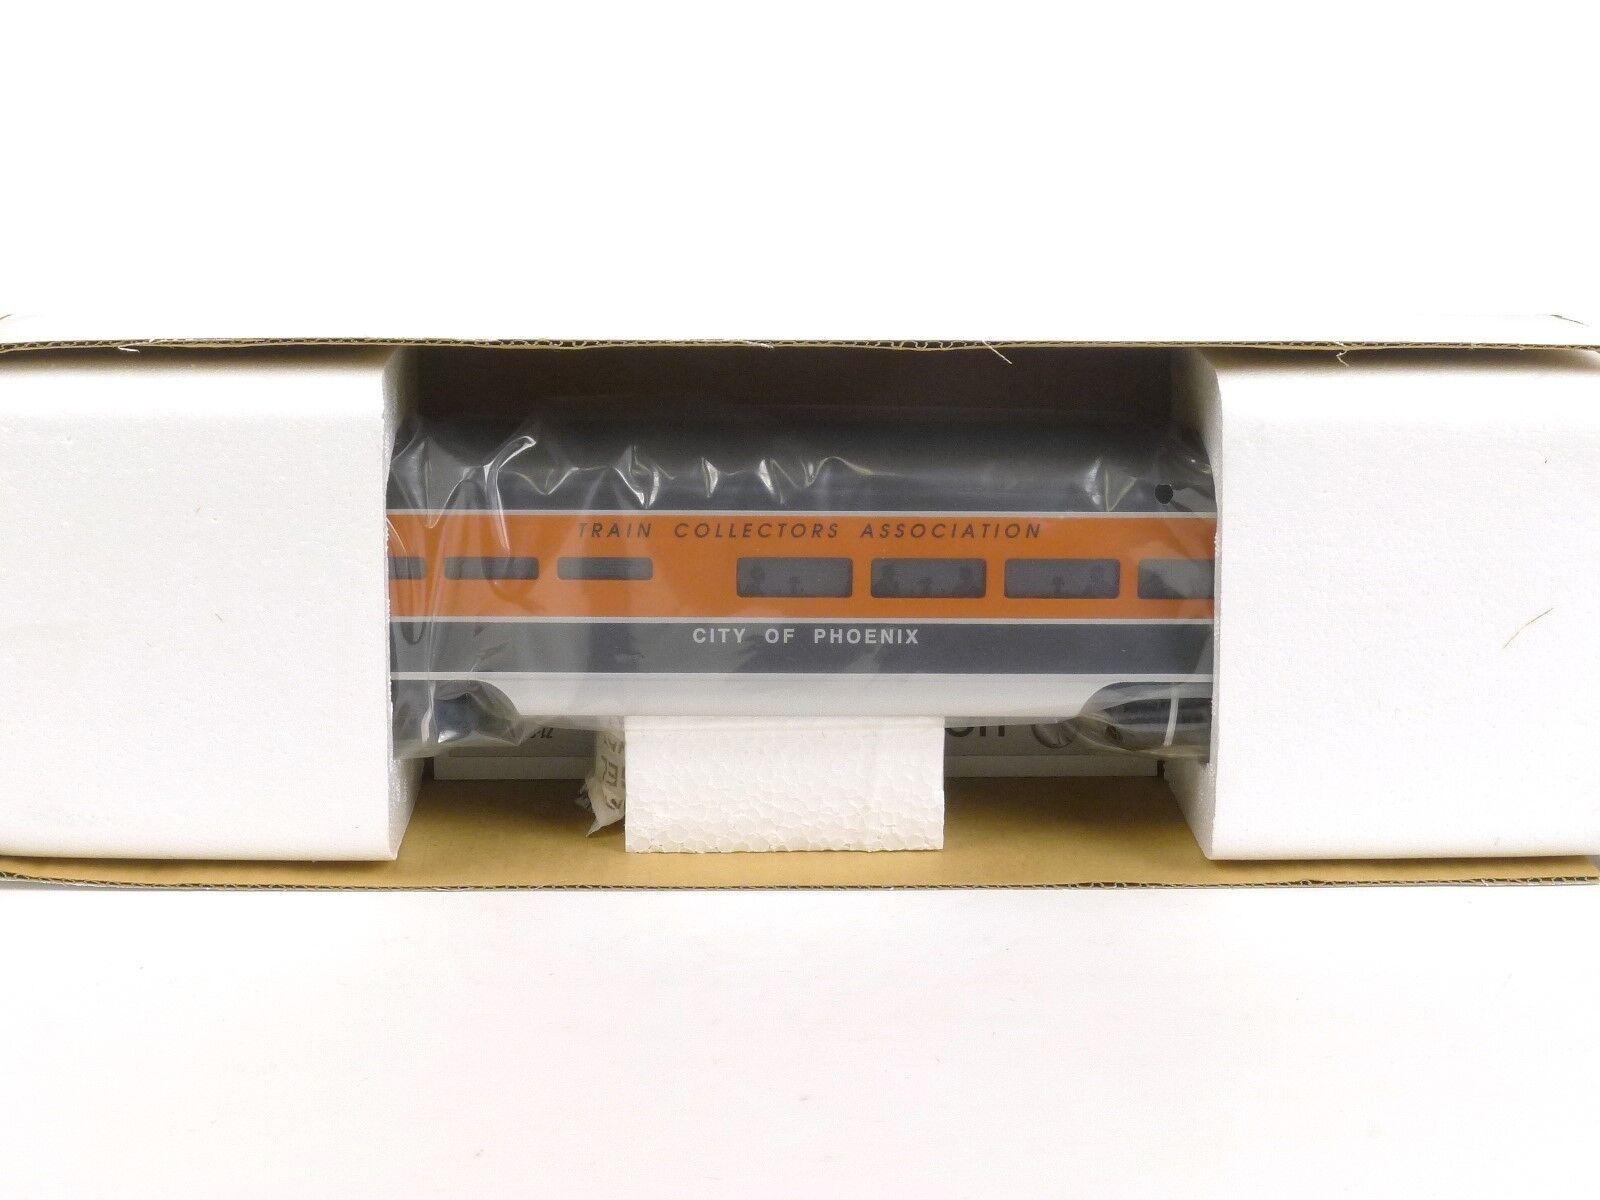 Lionel 6 -52106 TCA City of Phoenix Dining Passenger bil O skala modellllerler Tåg